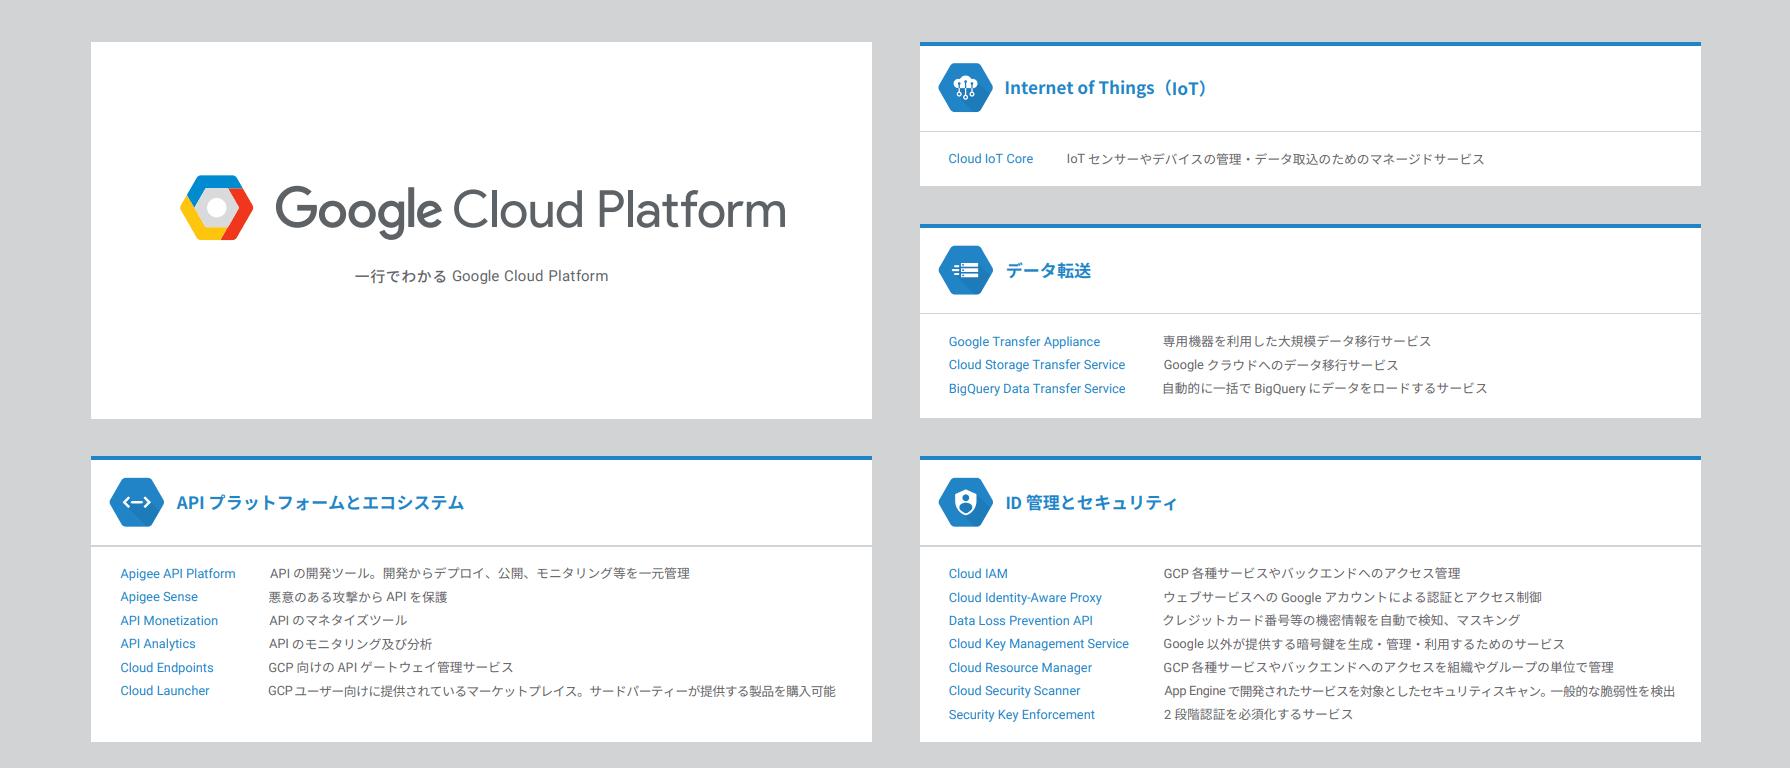 1行でわかる Google Cloud Platform